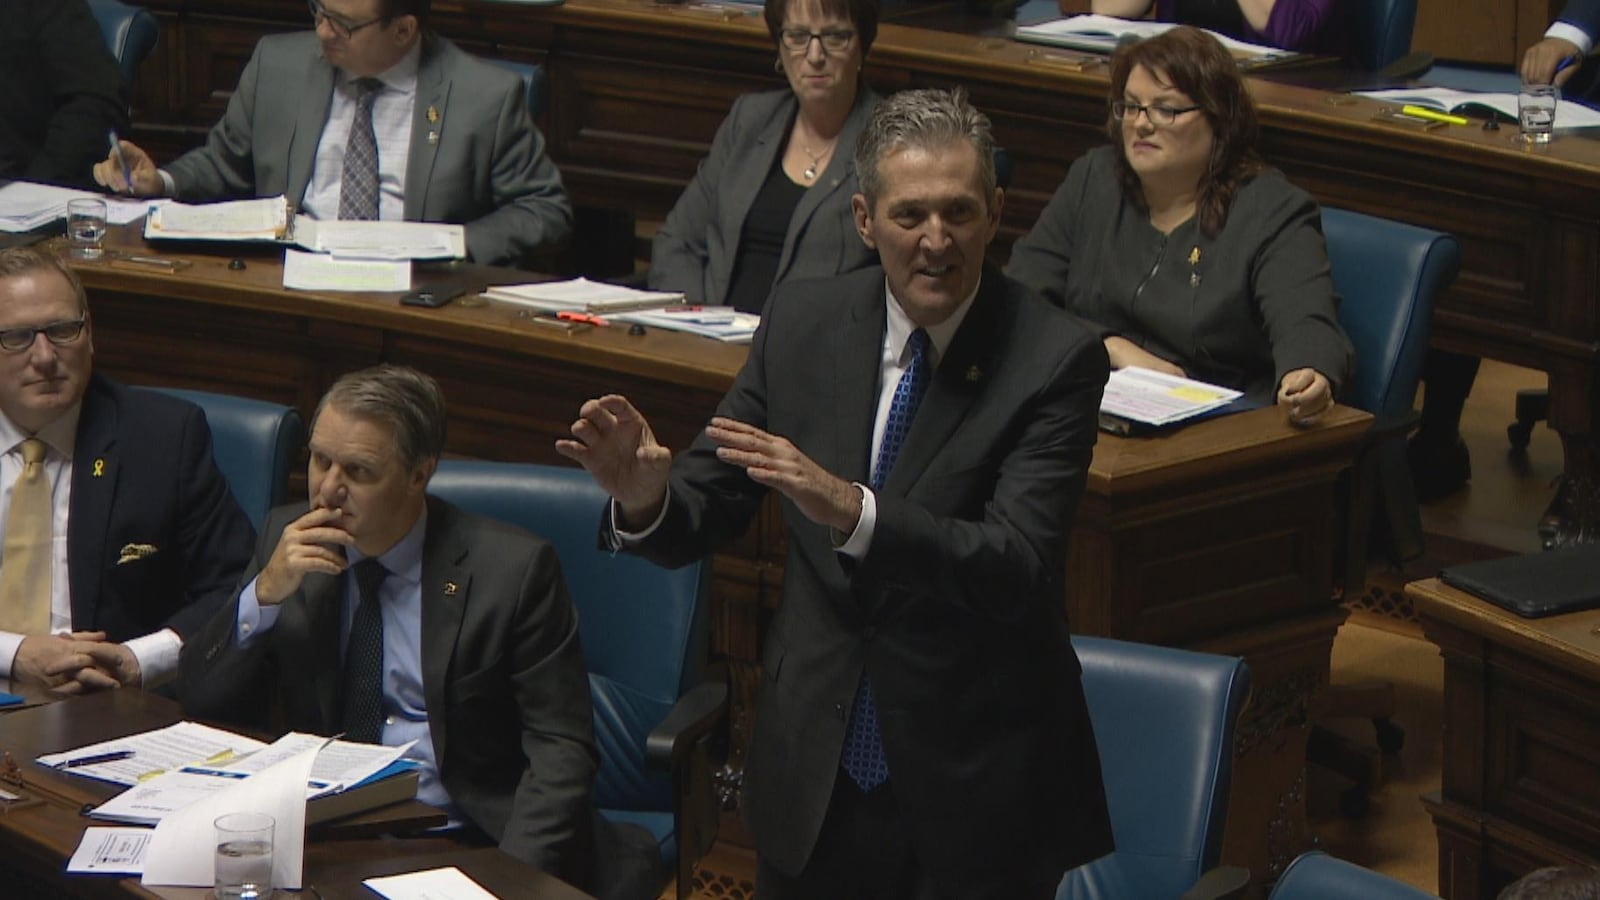 Pallister, debout en chambre, agite les mains en répondant à une question. À côté de lui, des ministres du gouvernement sont assis et écoutent.